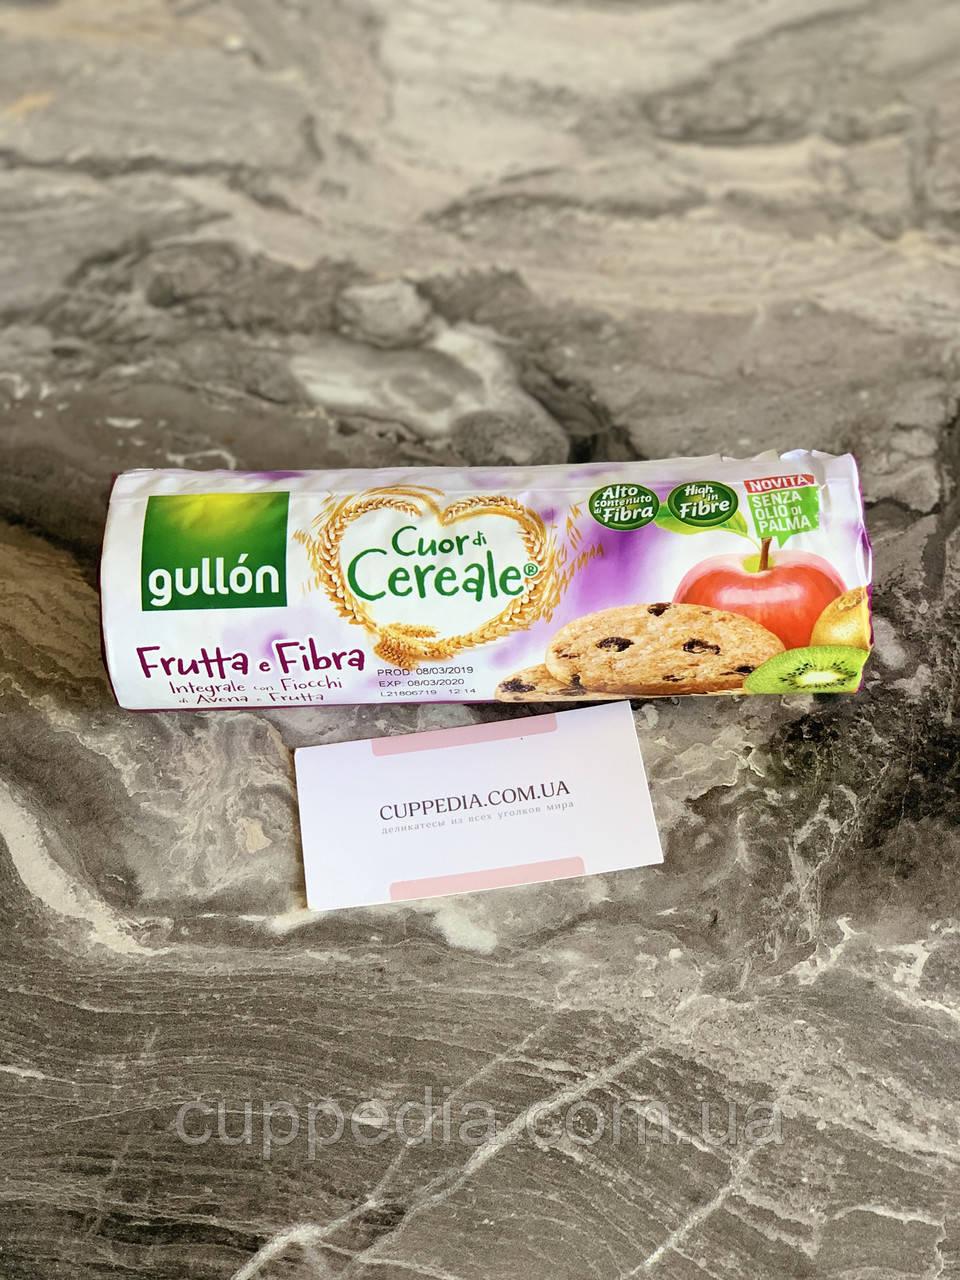 Печиво Gullon Cuor di cereale Frutta e Fibra 300 грм